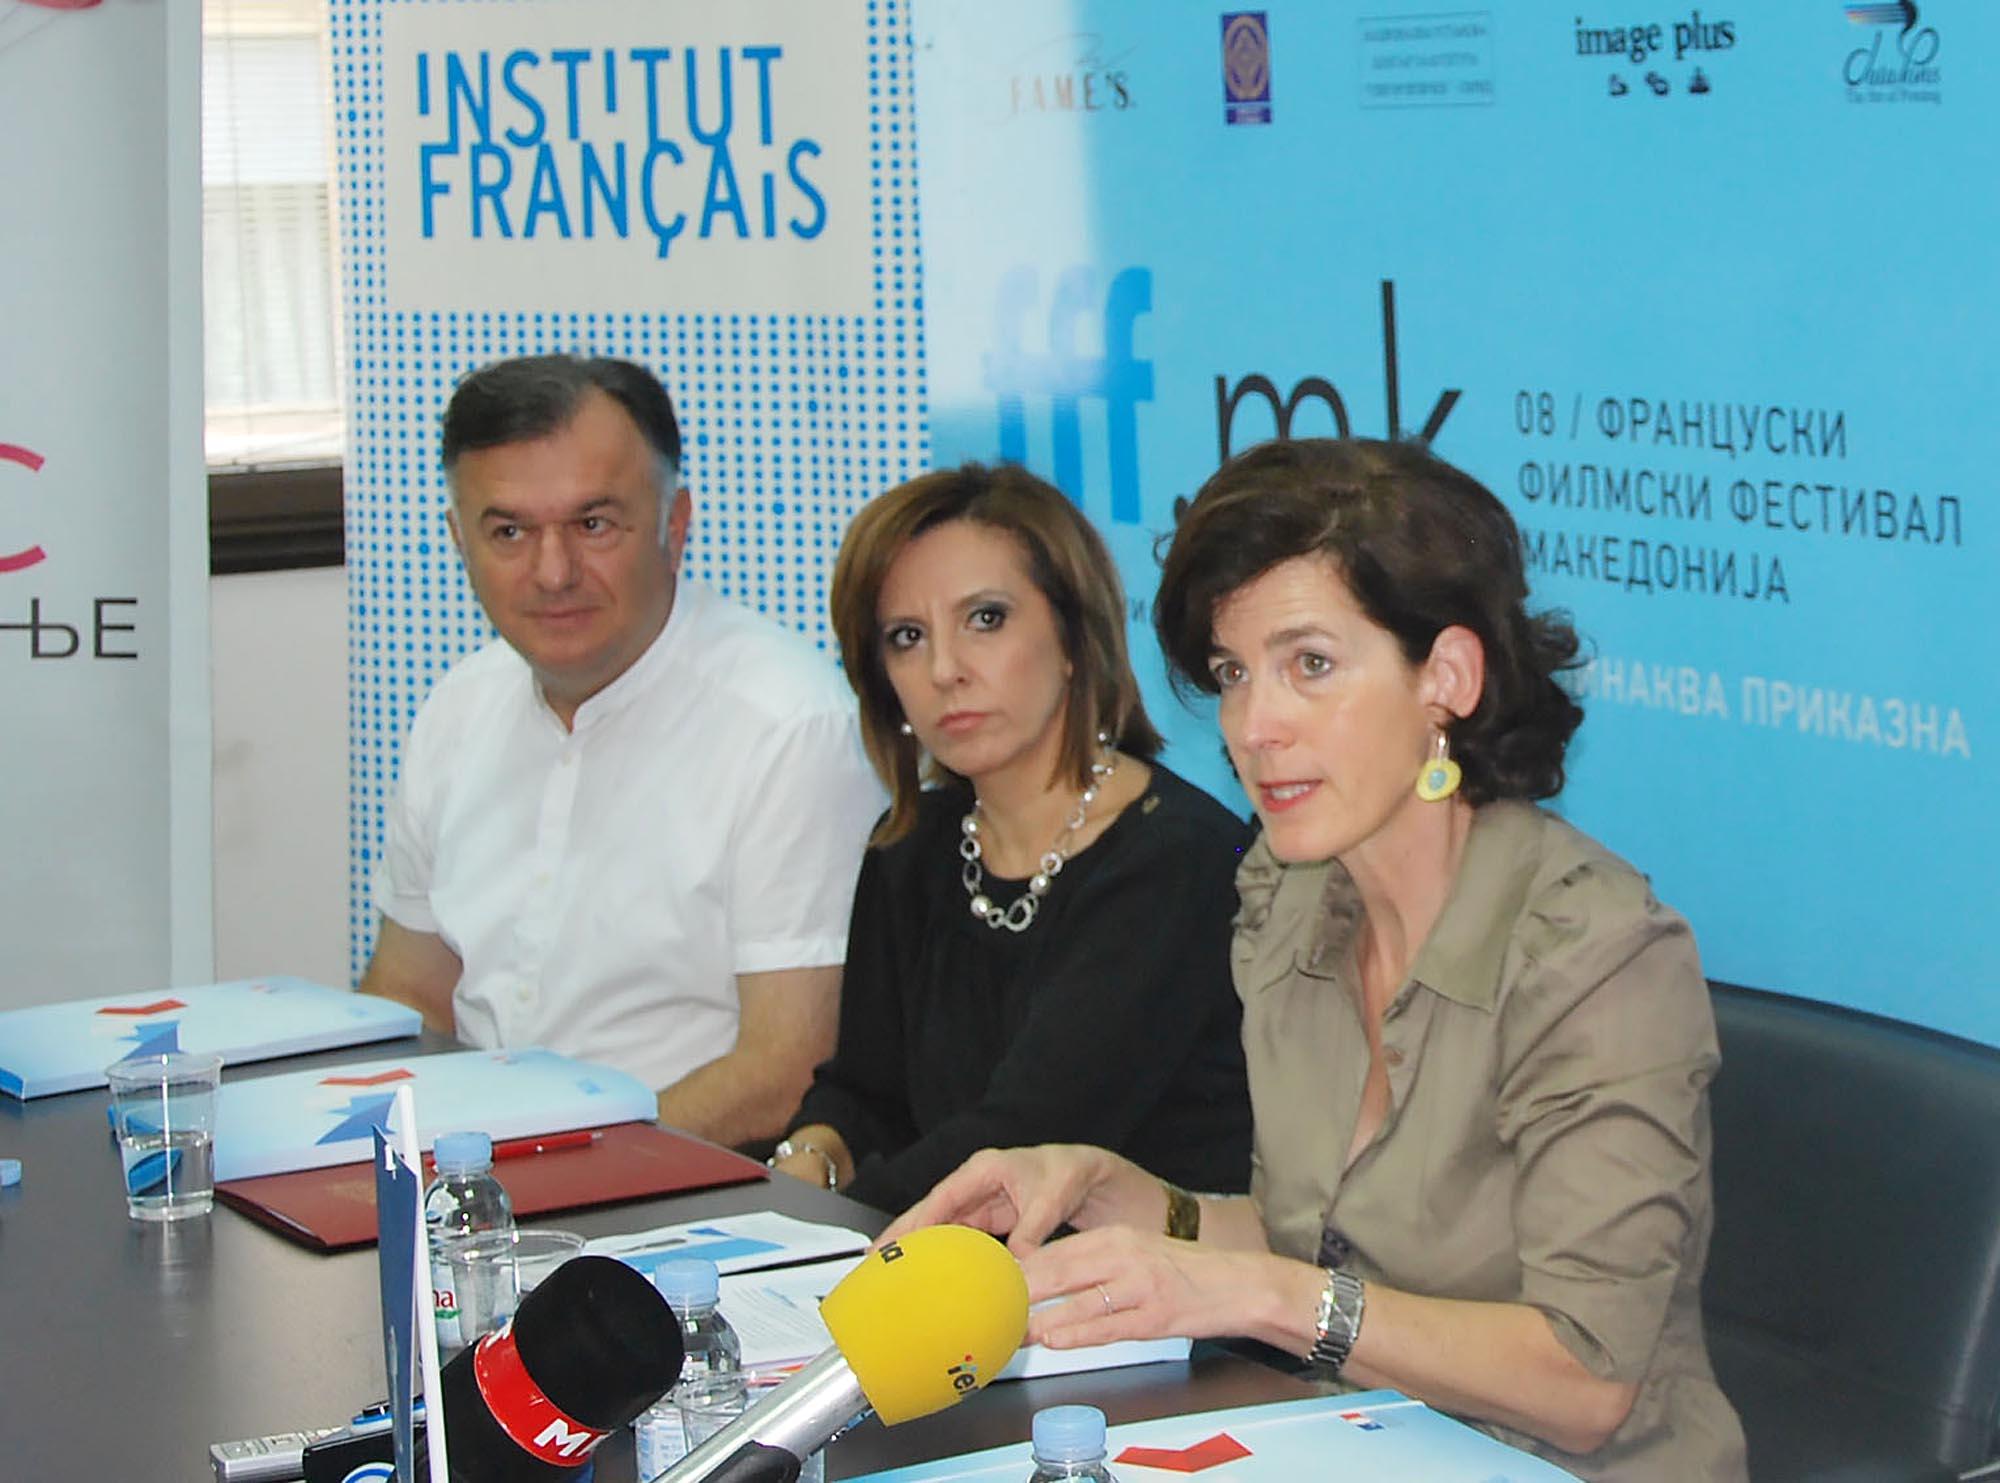 Осми Фестивал на француски филм од утре до 20 јуни